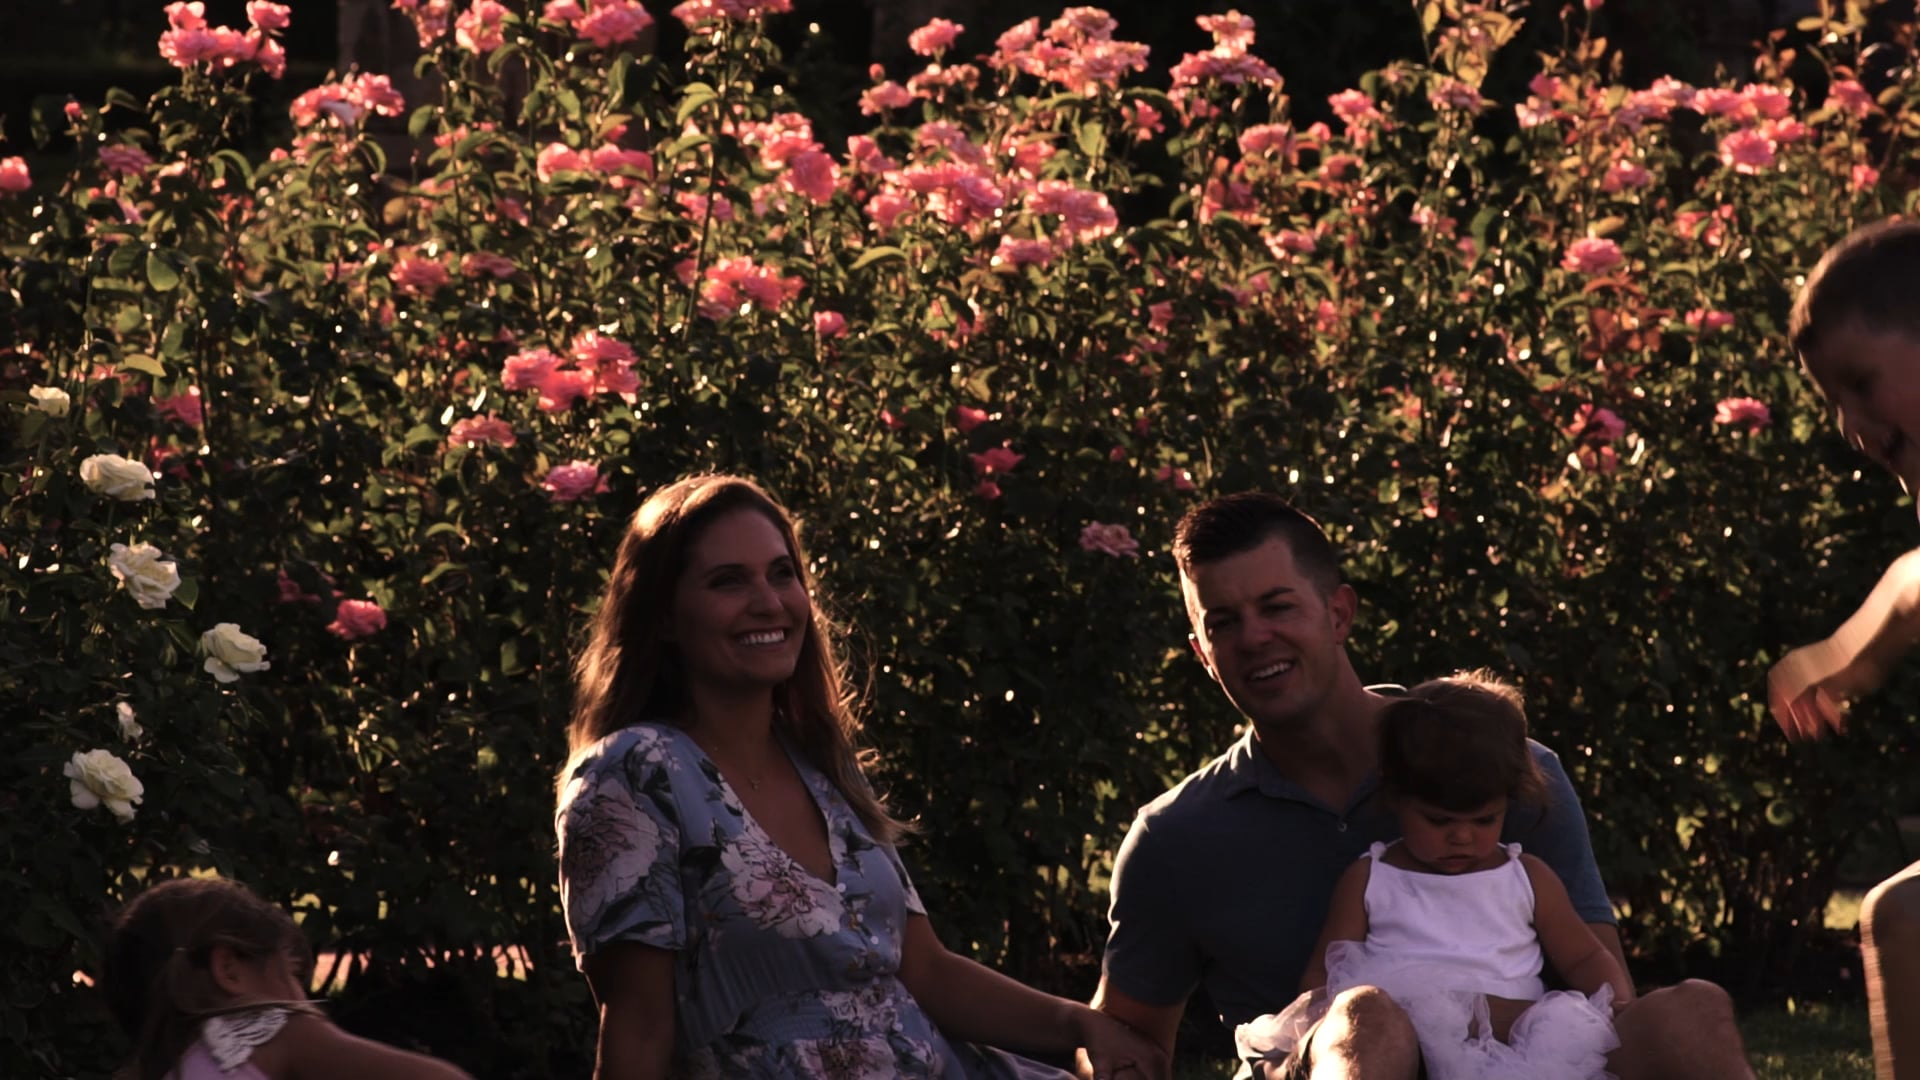 Rose Garden Family